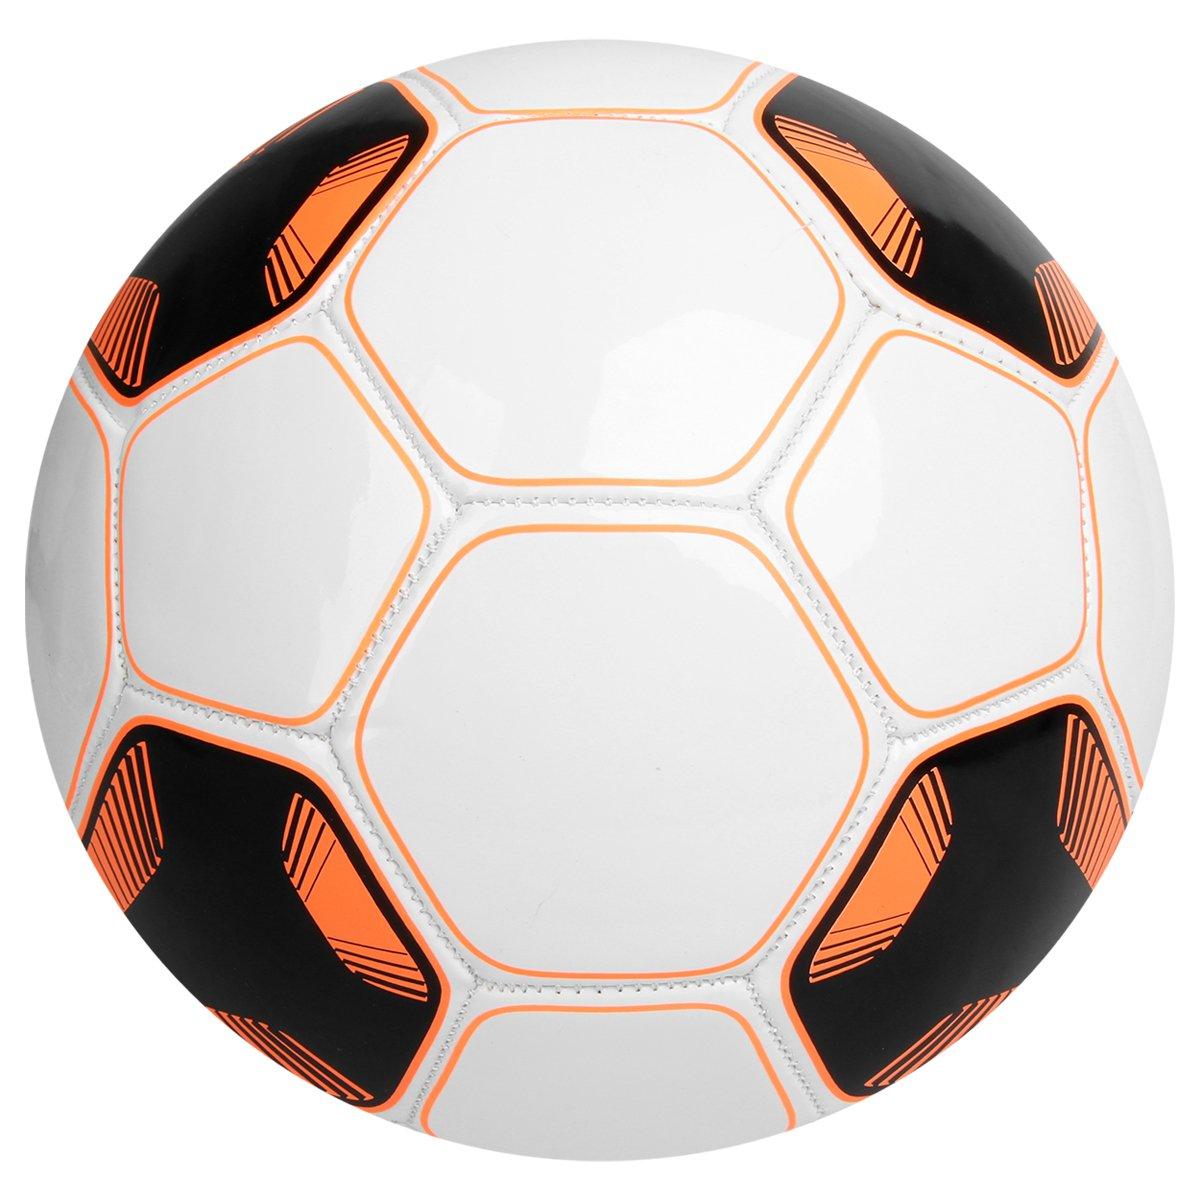 Bola Futebol Penalty 5 Campo - Compre Agora  942392aa9fa5b